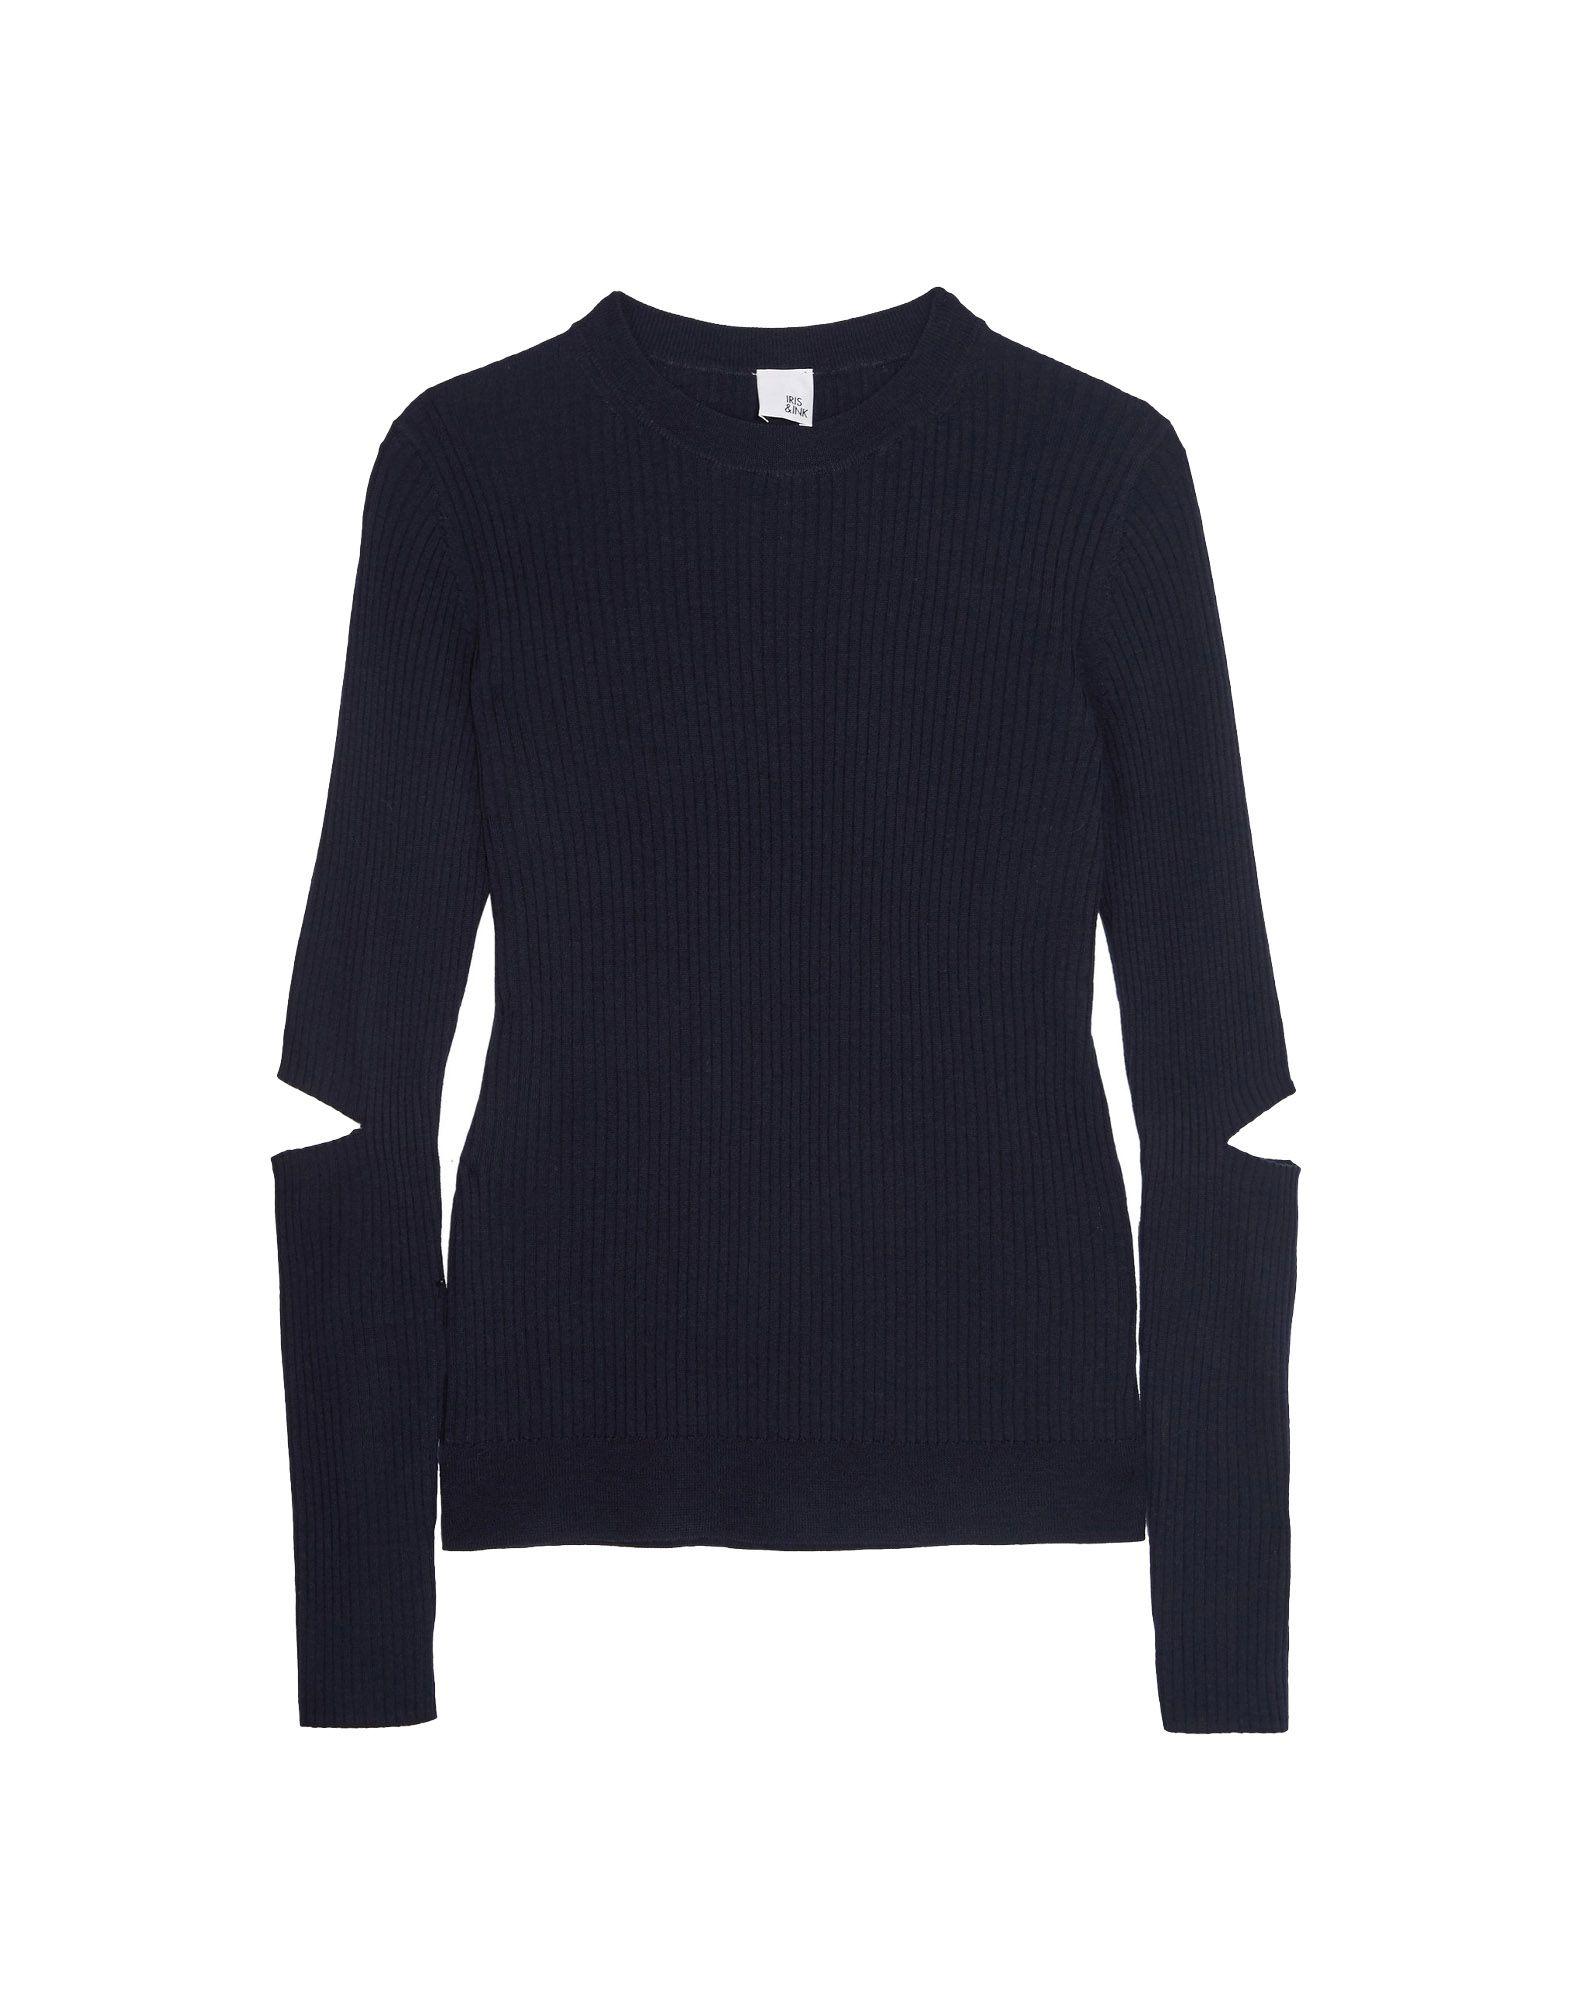 IRIS & INK Sweater in Dark Blue